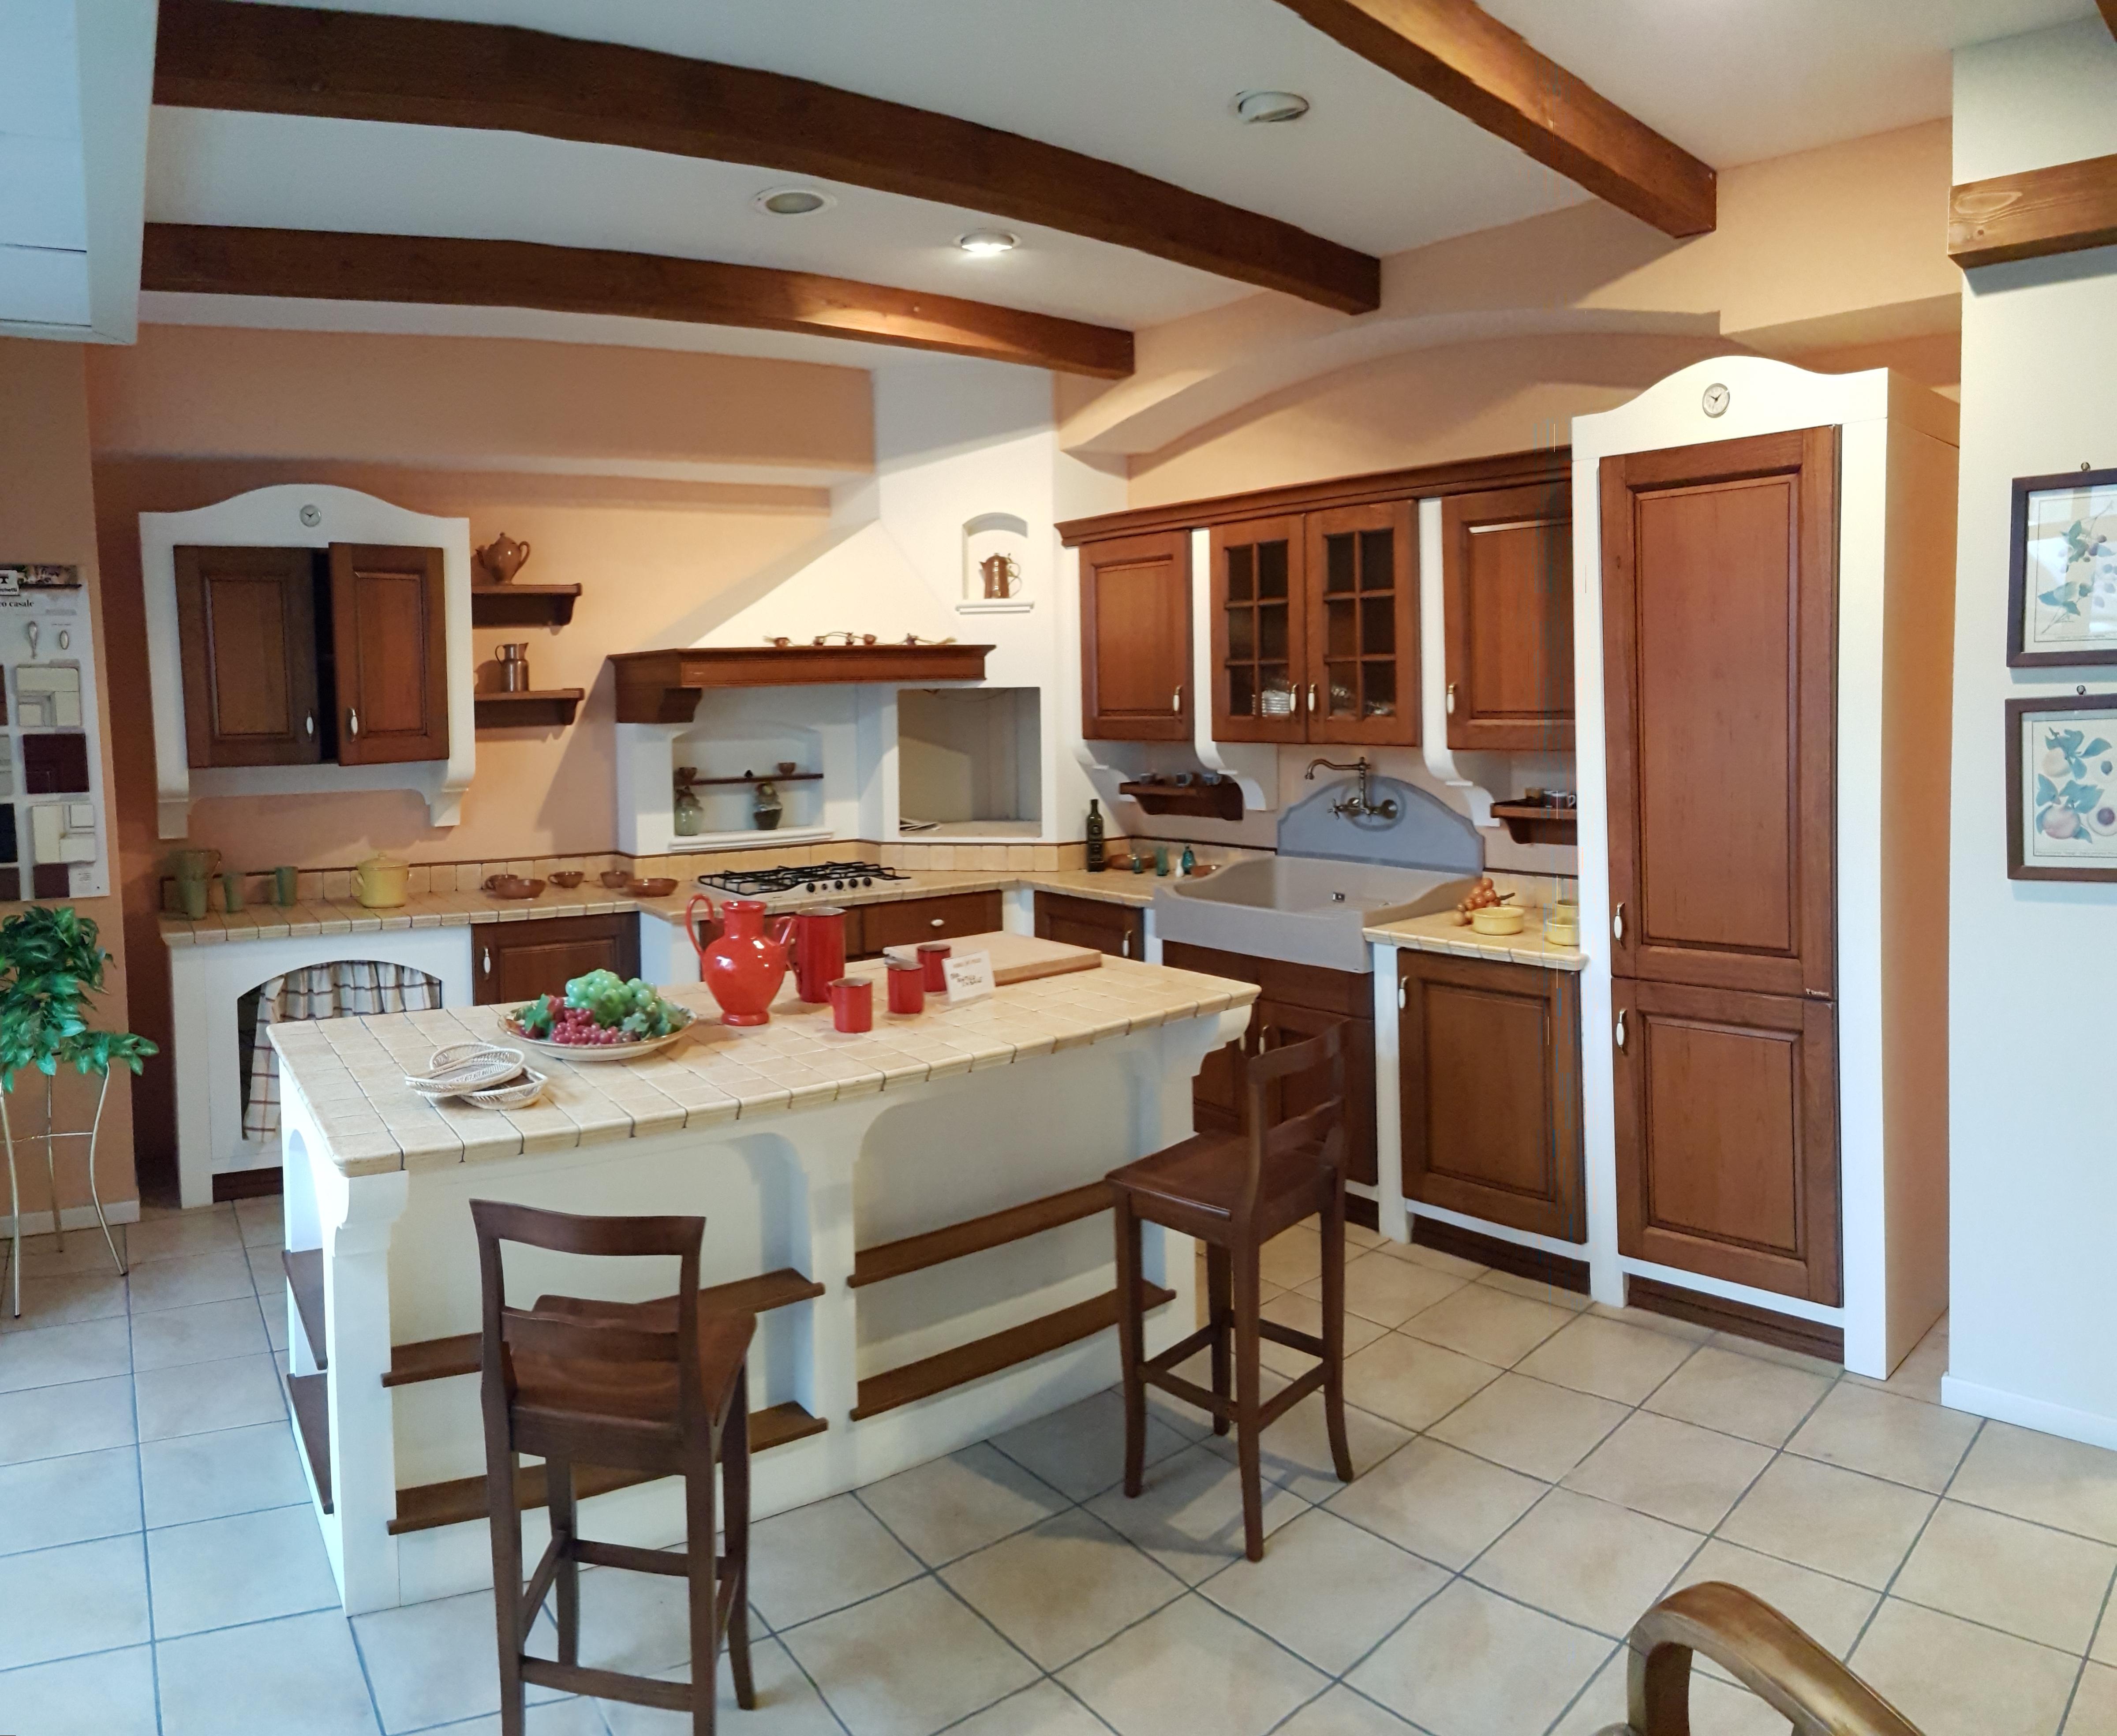 Cucina Torchetti mod. Antico Casale | MOBILI PIZZI